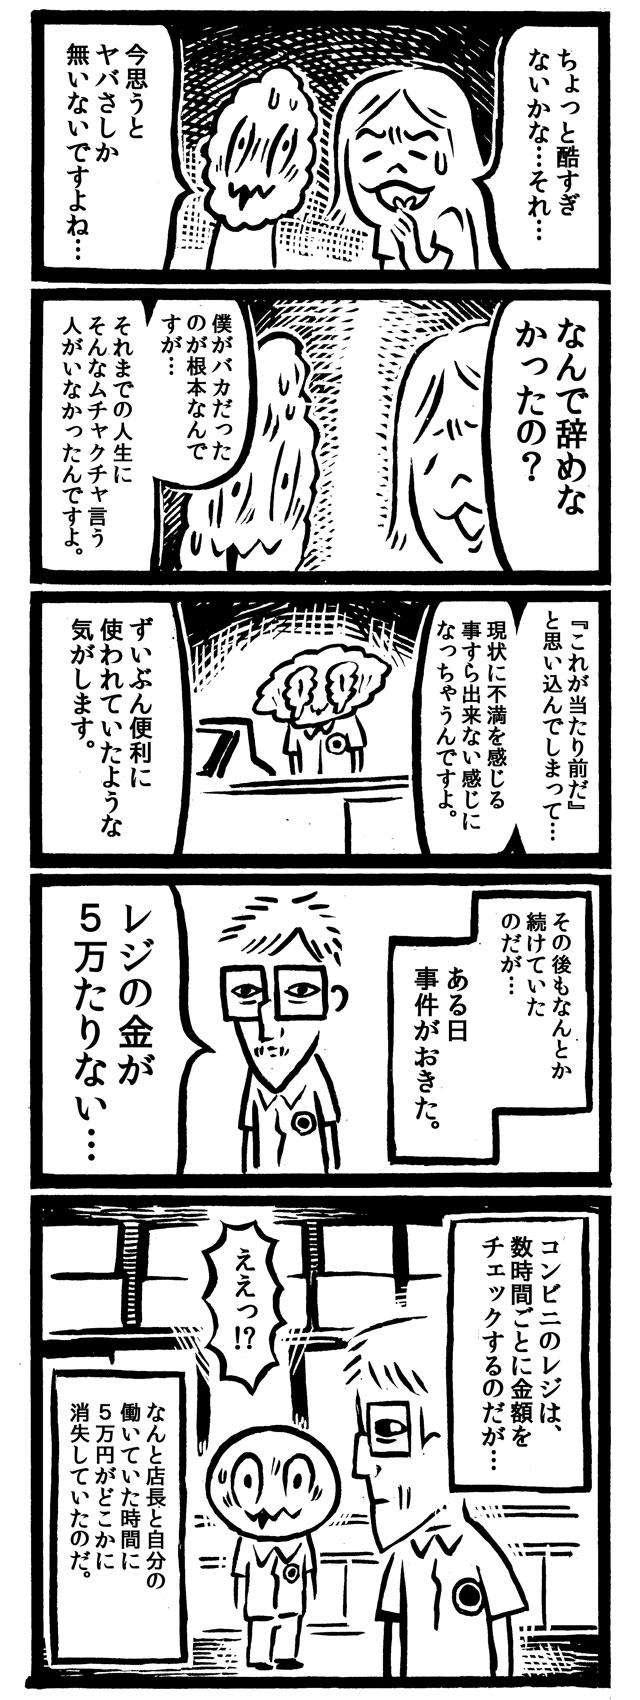 f:id:kakijiro:20150708185503j:plain